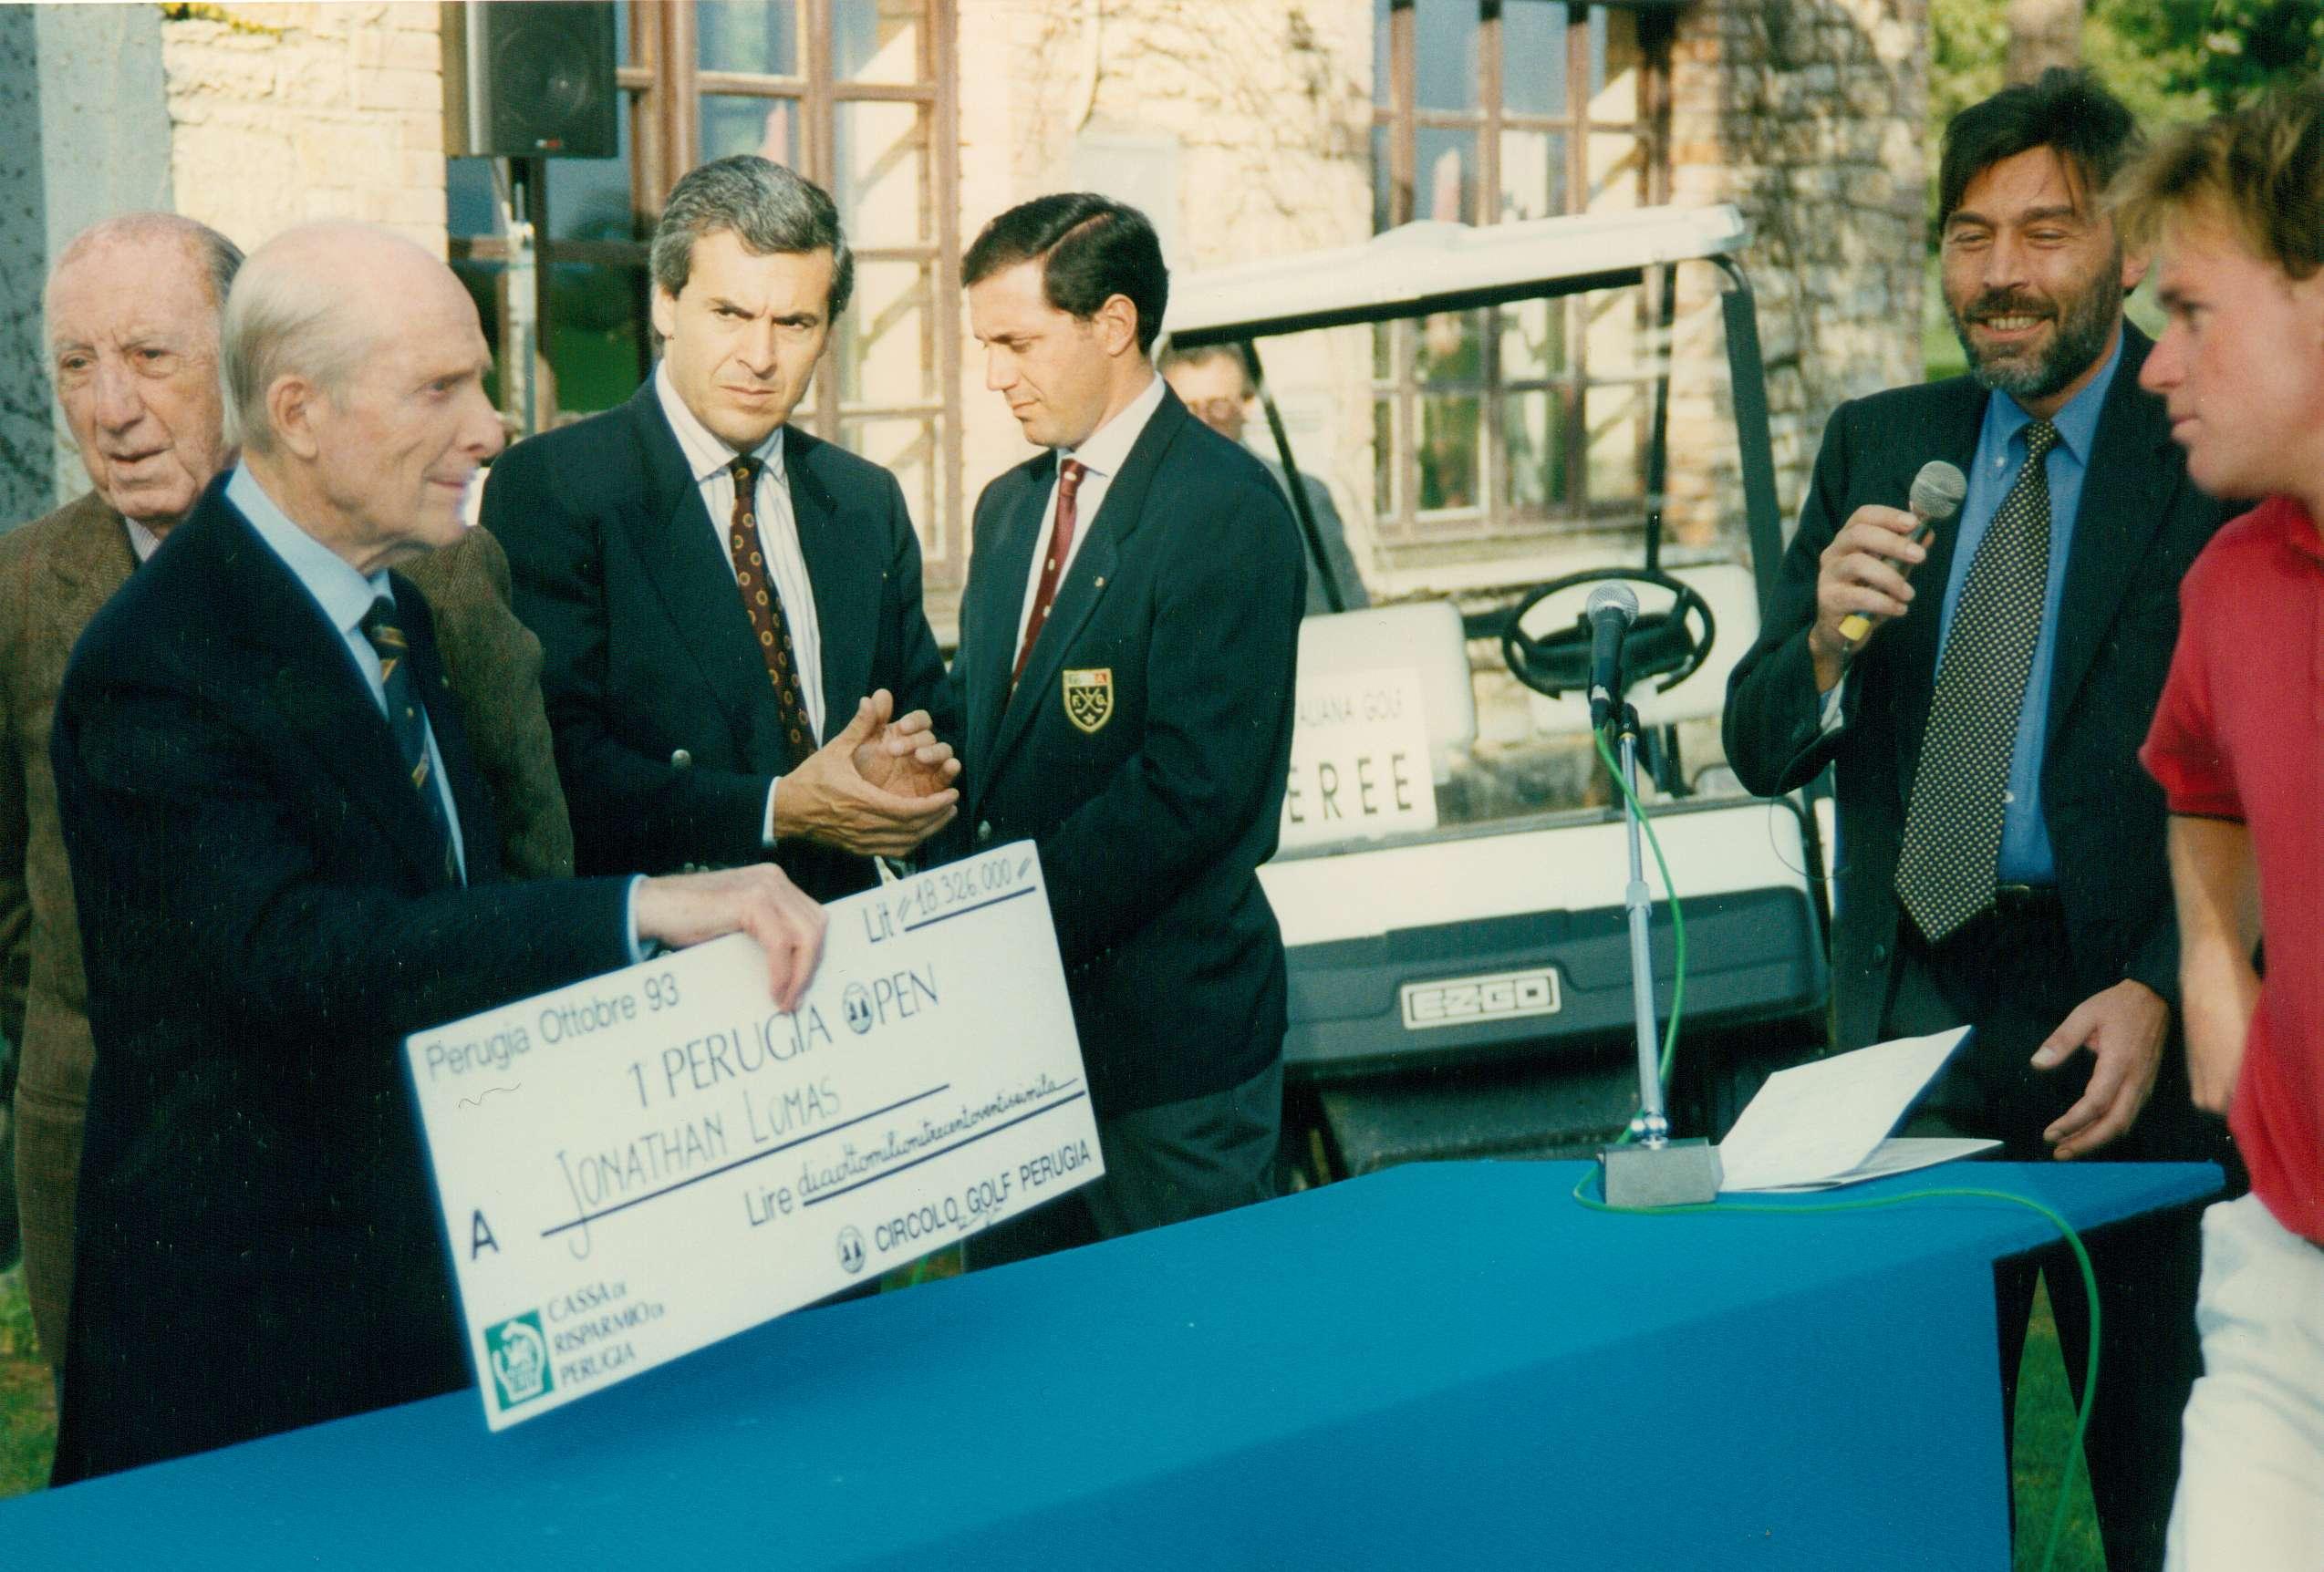 1° Perugia Open Challenge Tour 1993